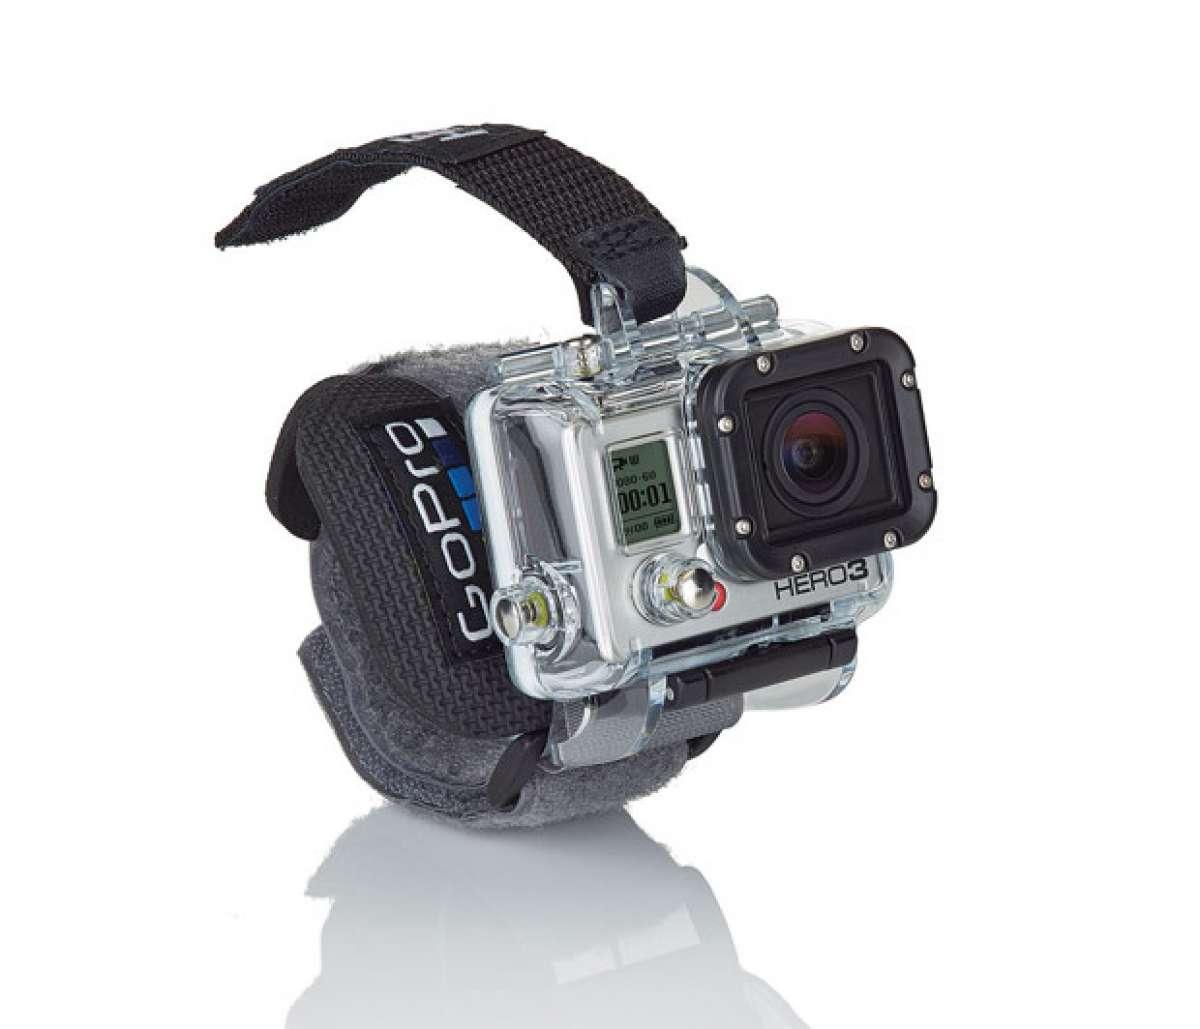 Nuevos accesorios de montaje, carcasa y muñequera del fabricante GoPro